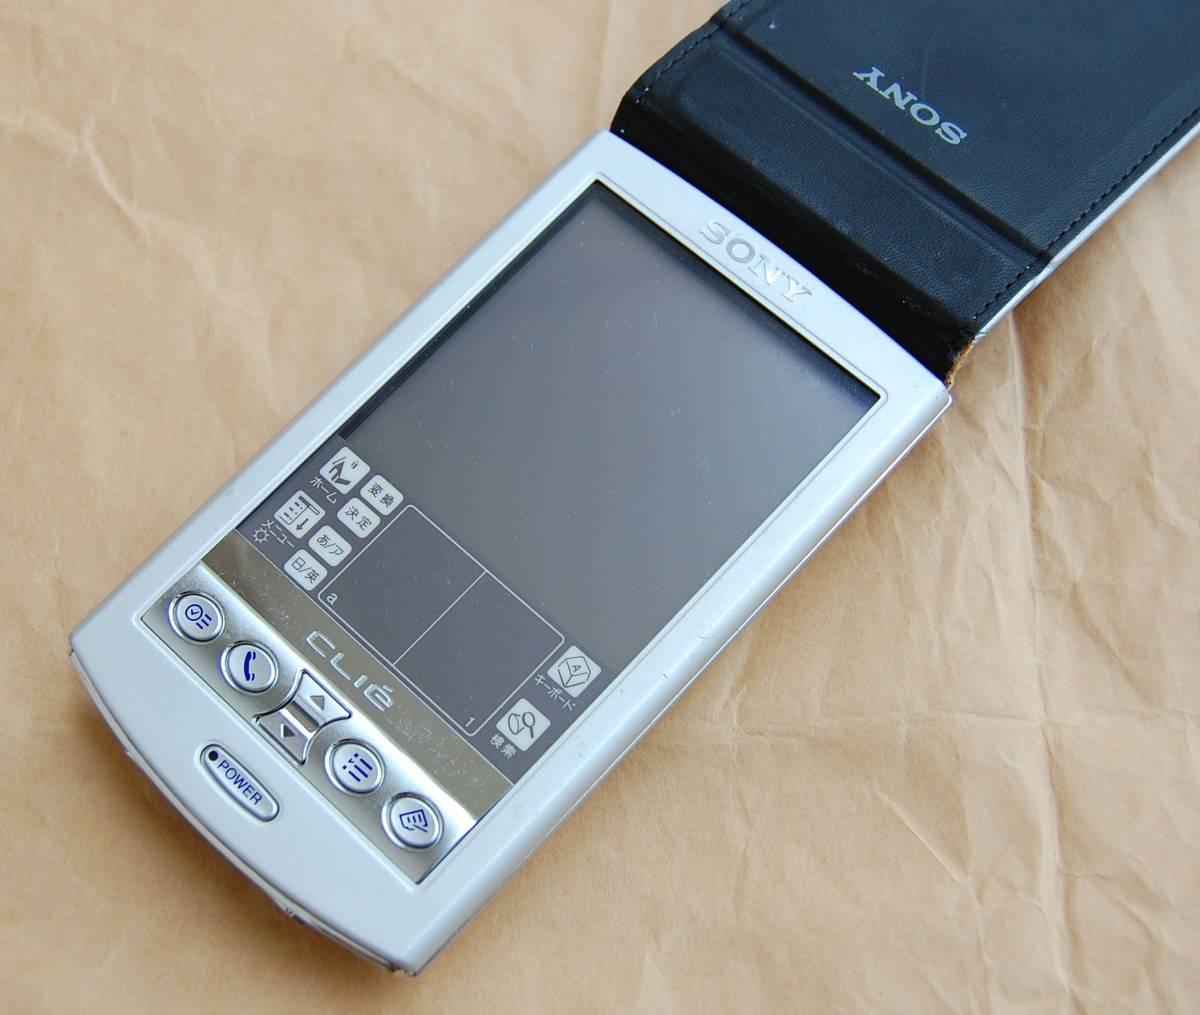 【美品】SONY CLIE PalmOS 4.1搭載PDA PEG-N750C 外観良好 現状渡し 送料210円~_画像2